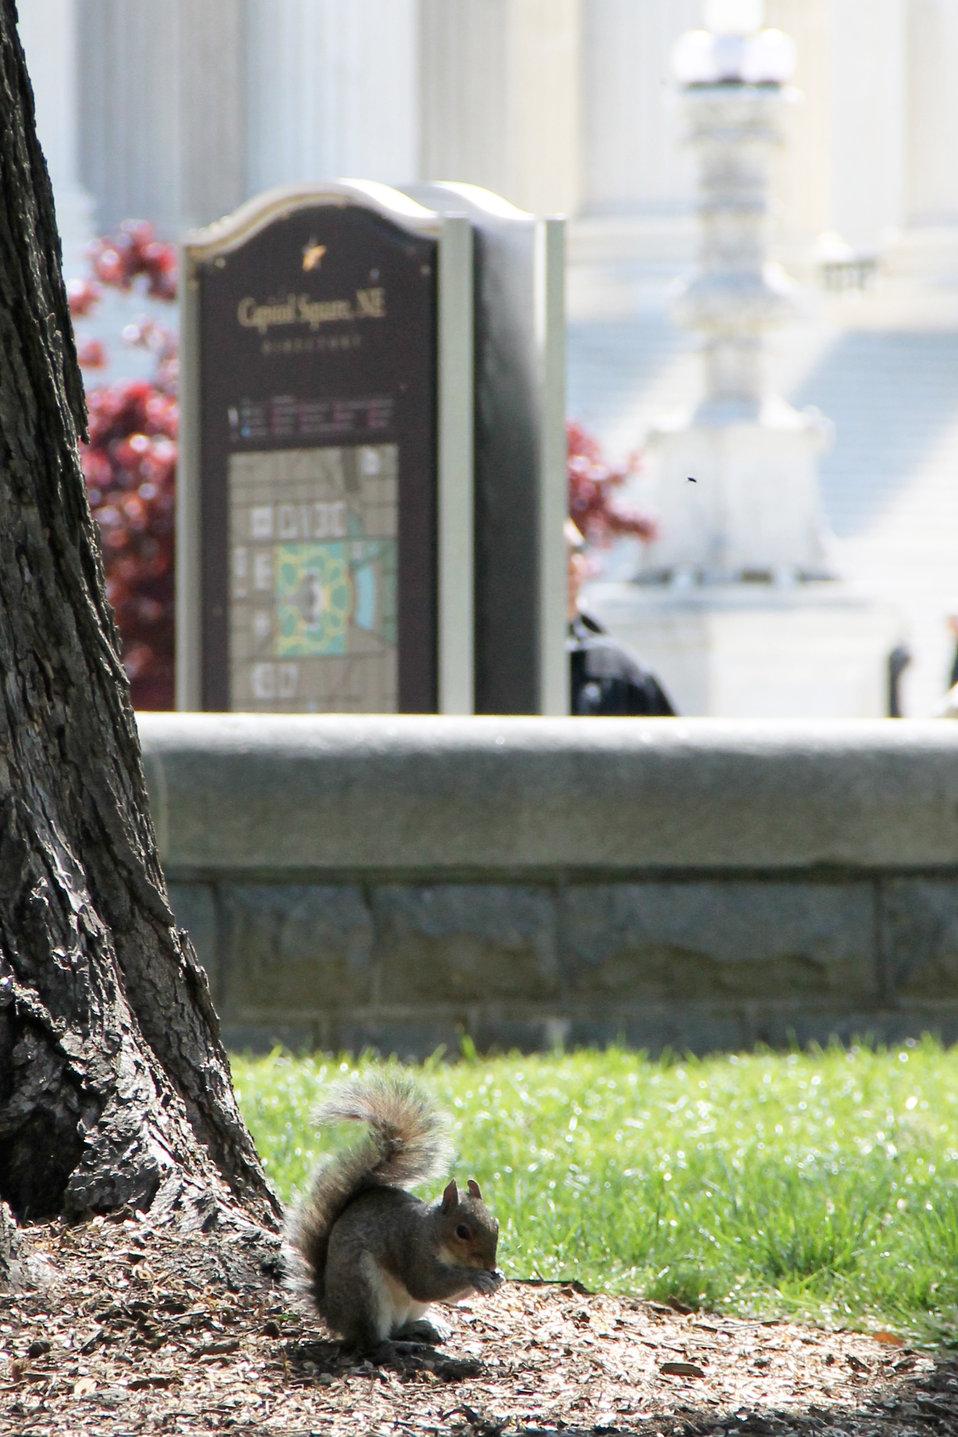 Squirrel on Capitol Square